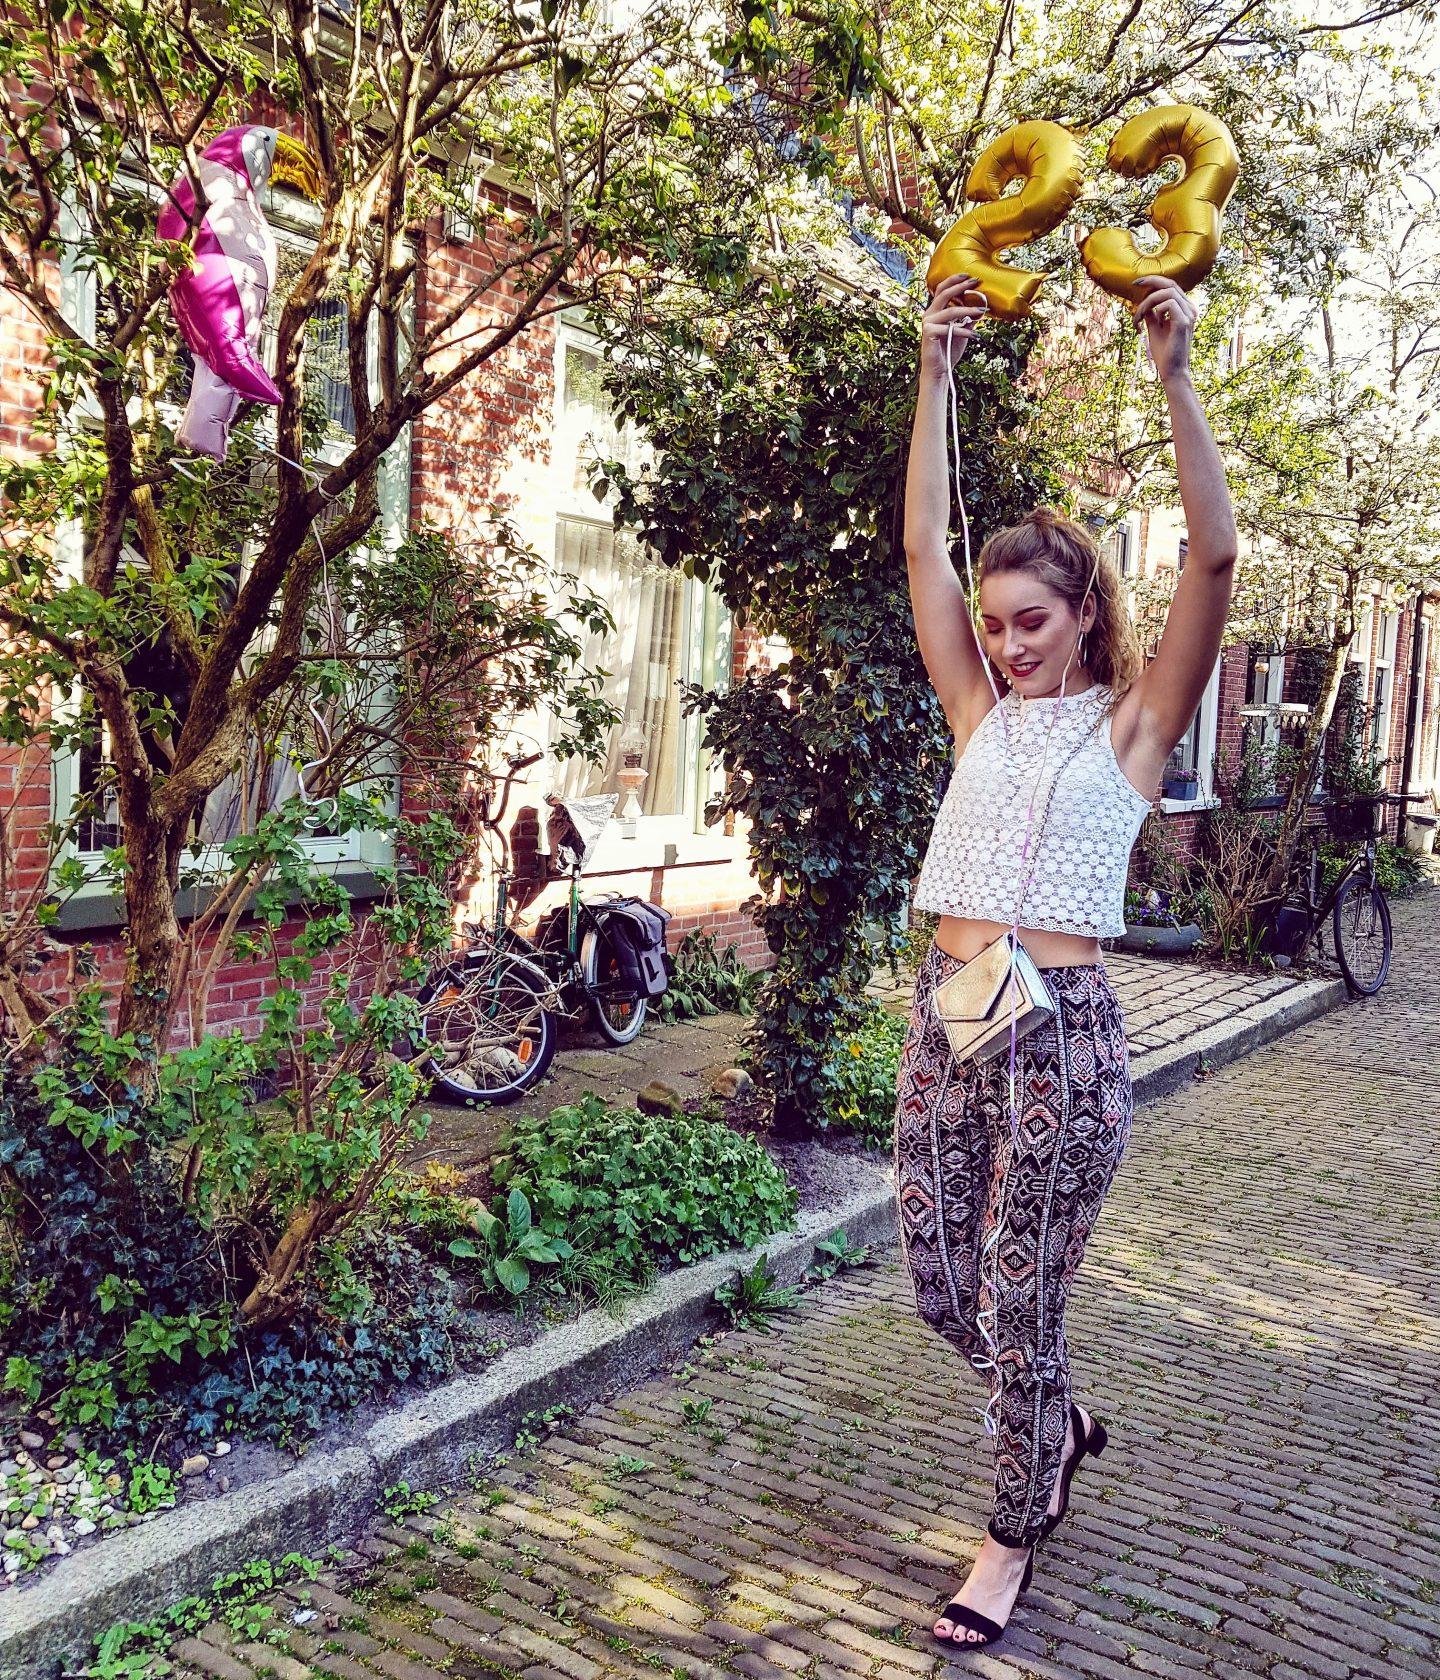 Ik ben vandaag jarig!!! + Fotoshoot met ballonnen